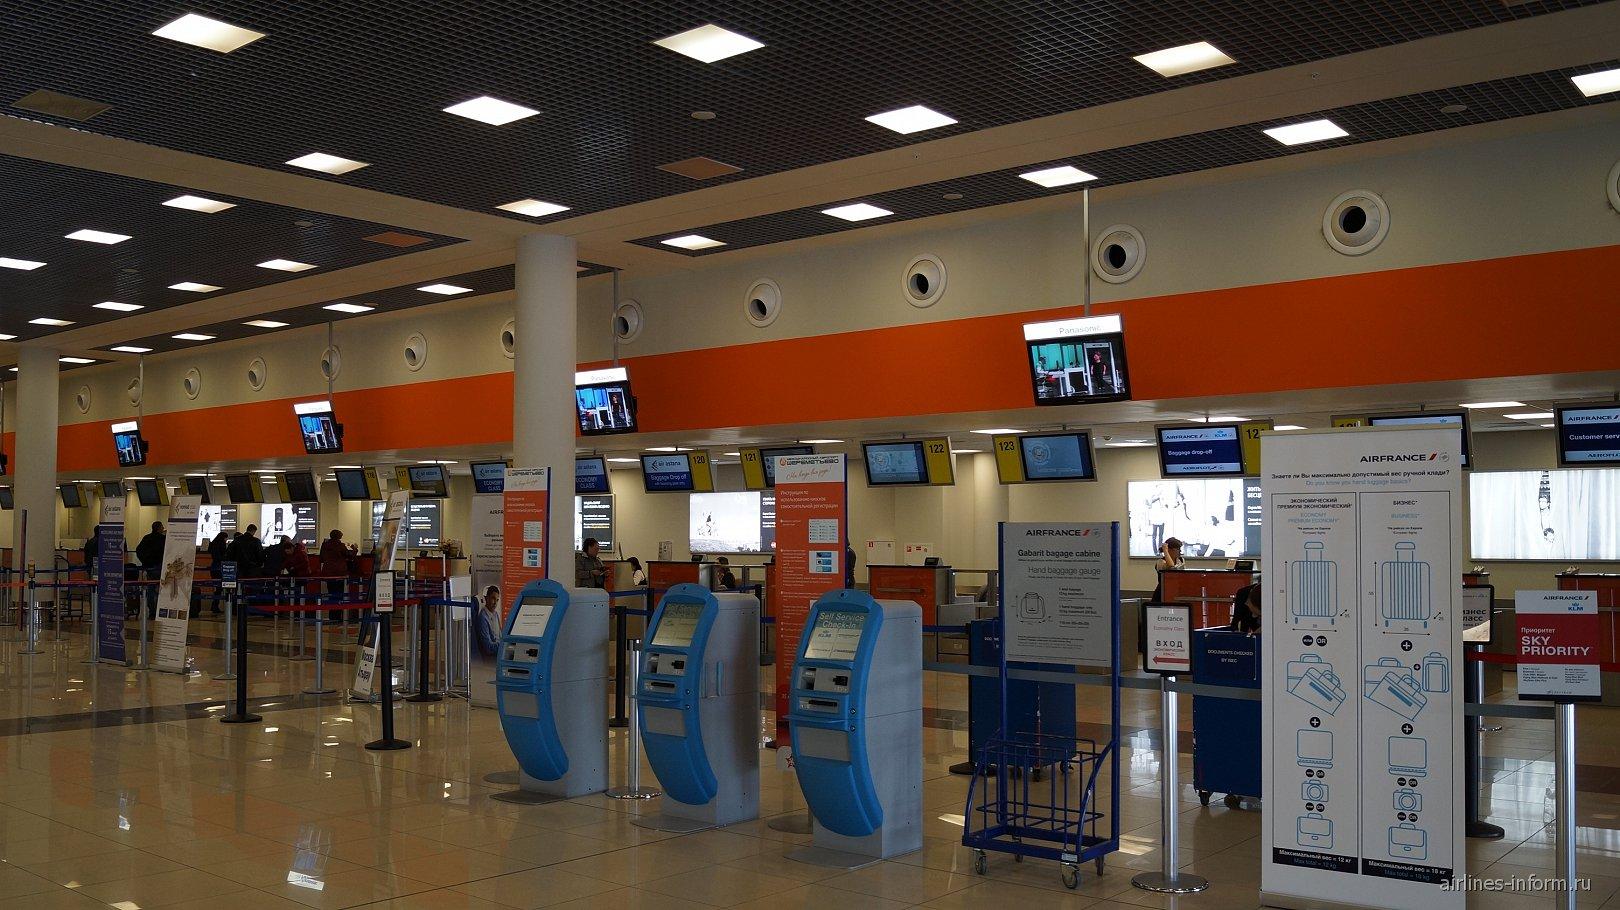 Стойки регистрации в терминале Е аэропорта Шереметьево